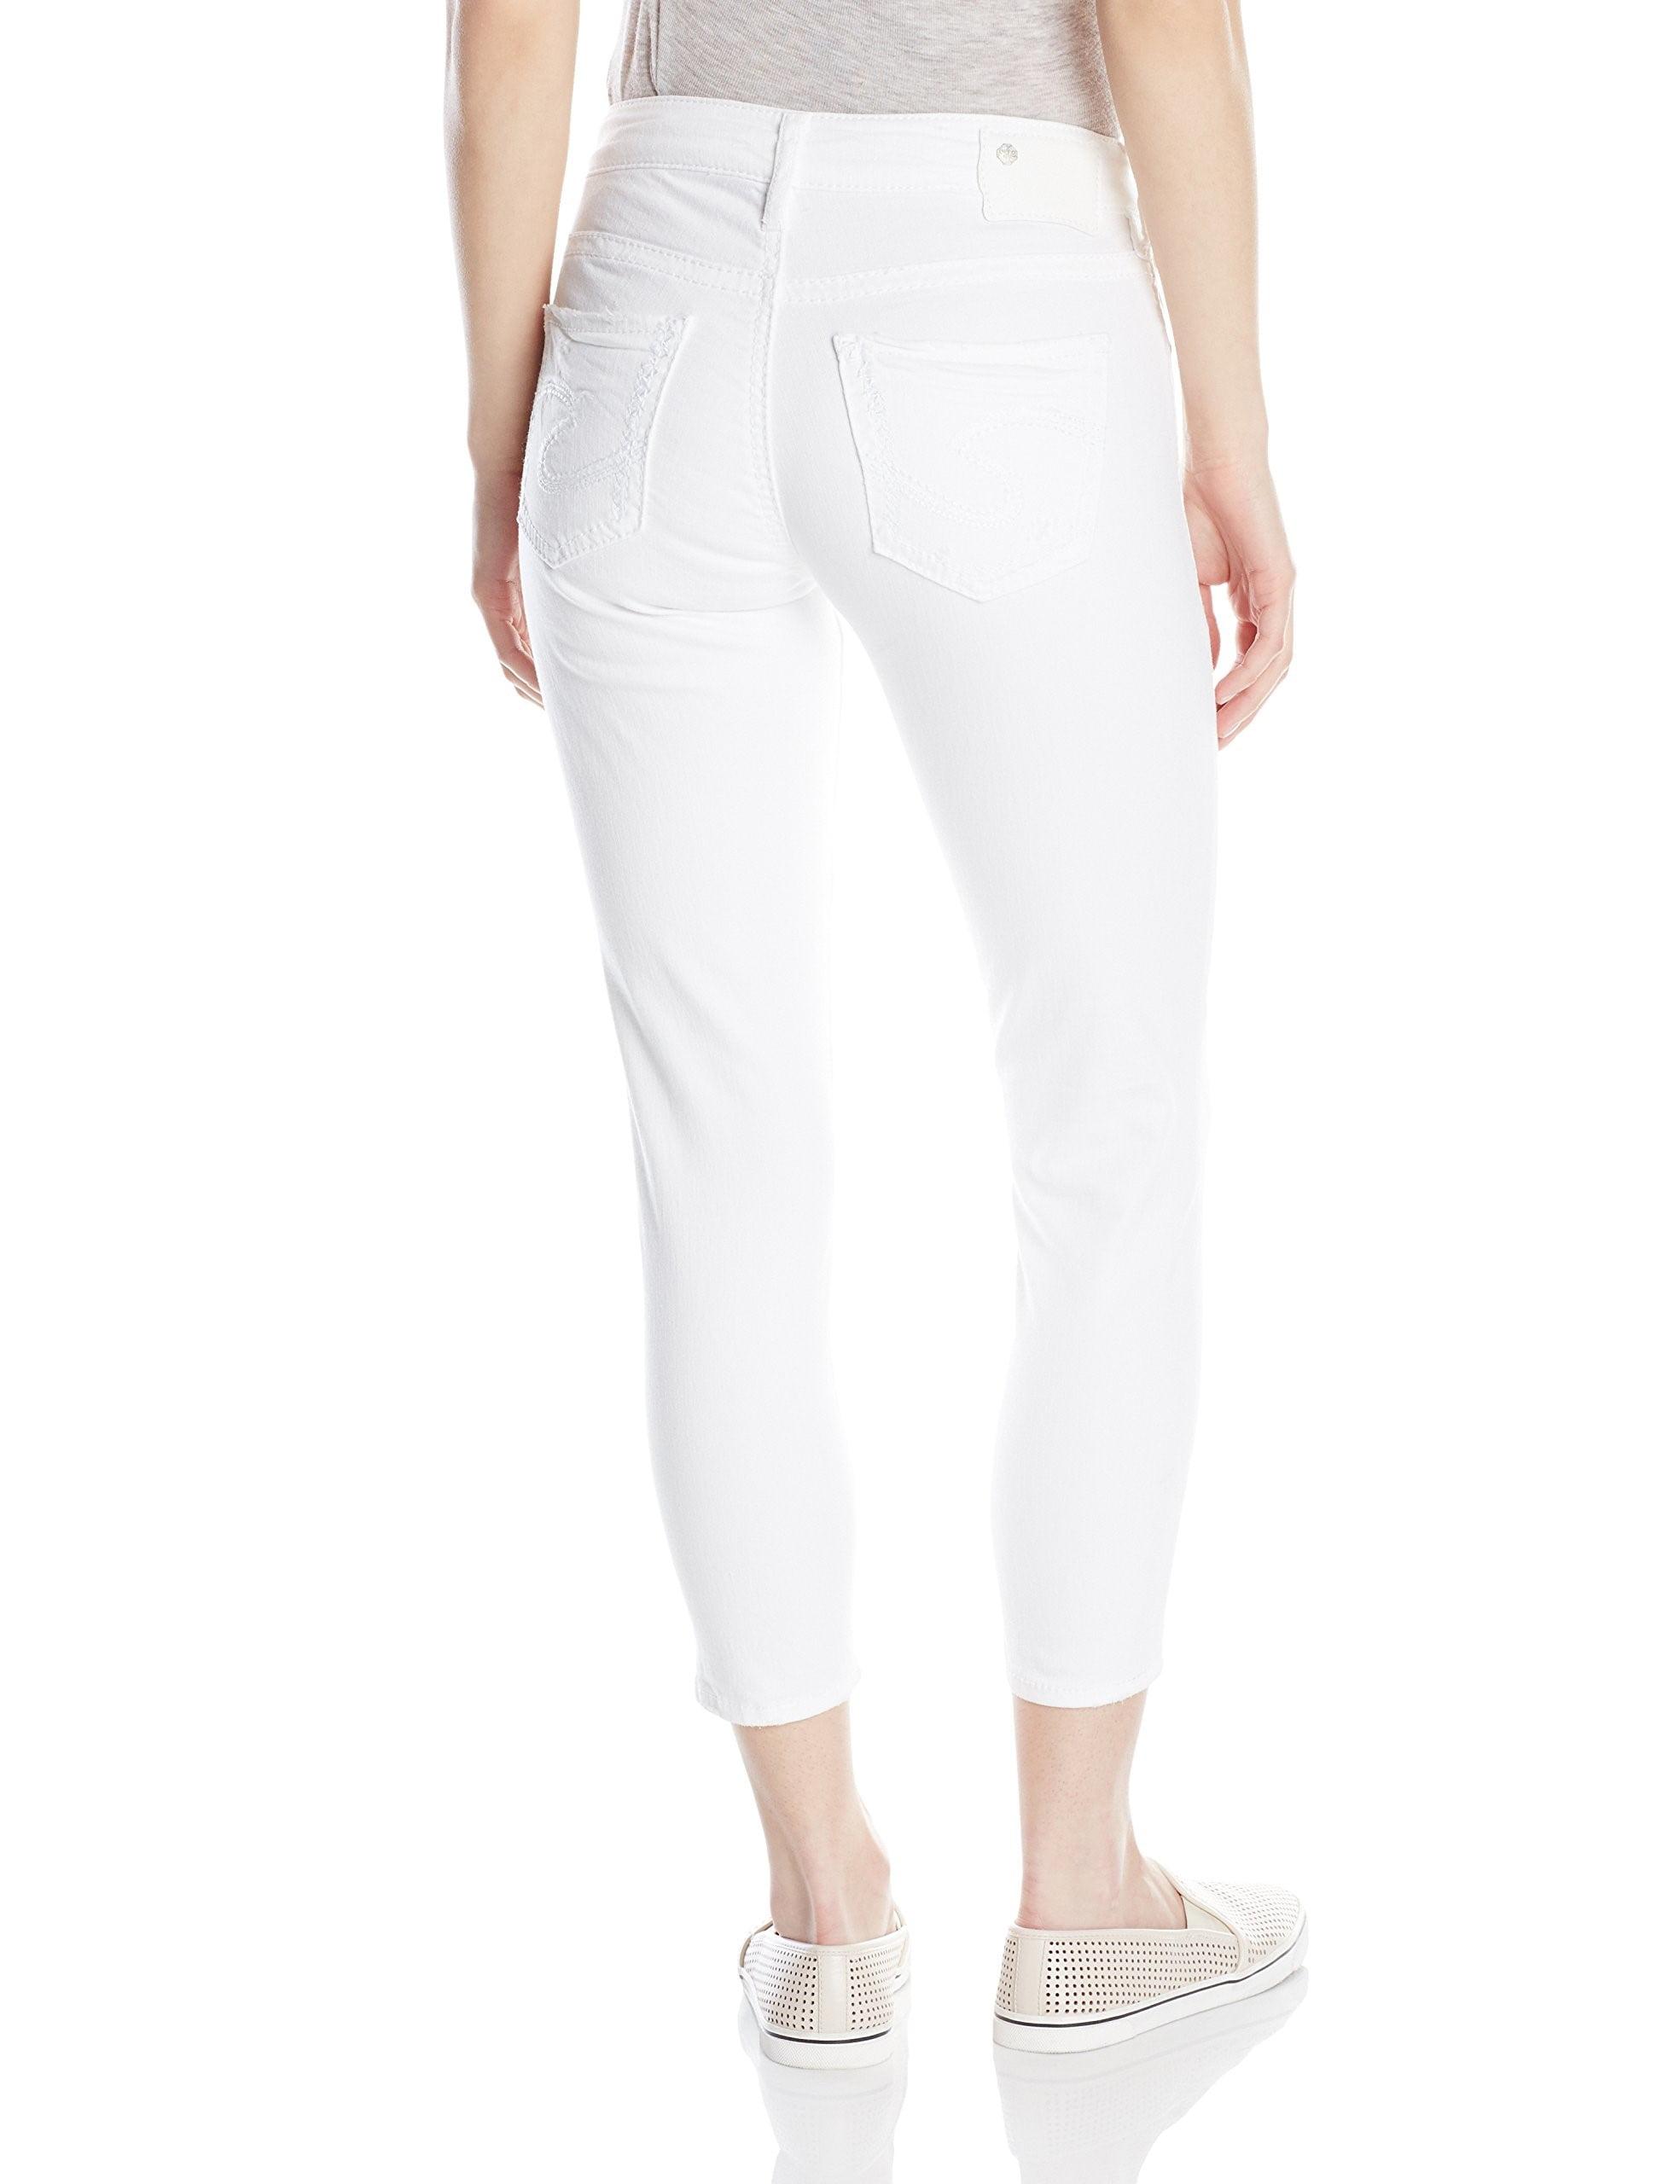 a4f8c65f2c943 SILVER JEANS - Silver Jeans Women s Size 31X24 Suki Super Stretch ...